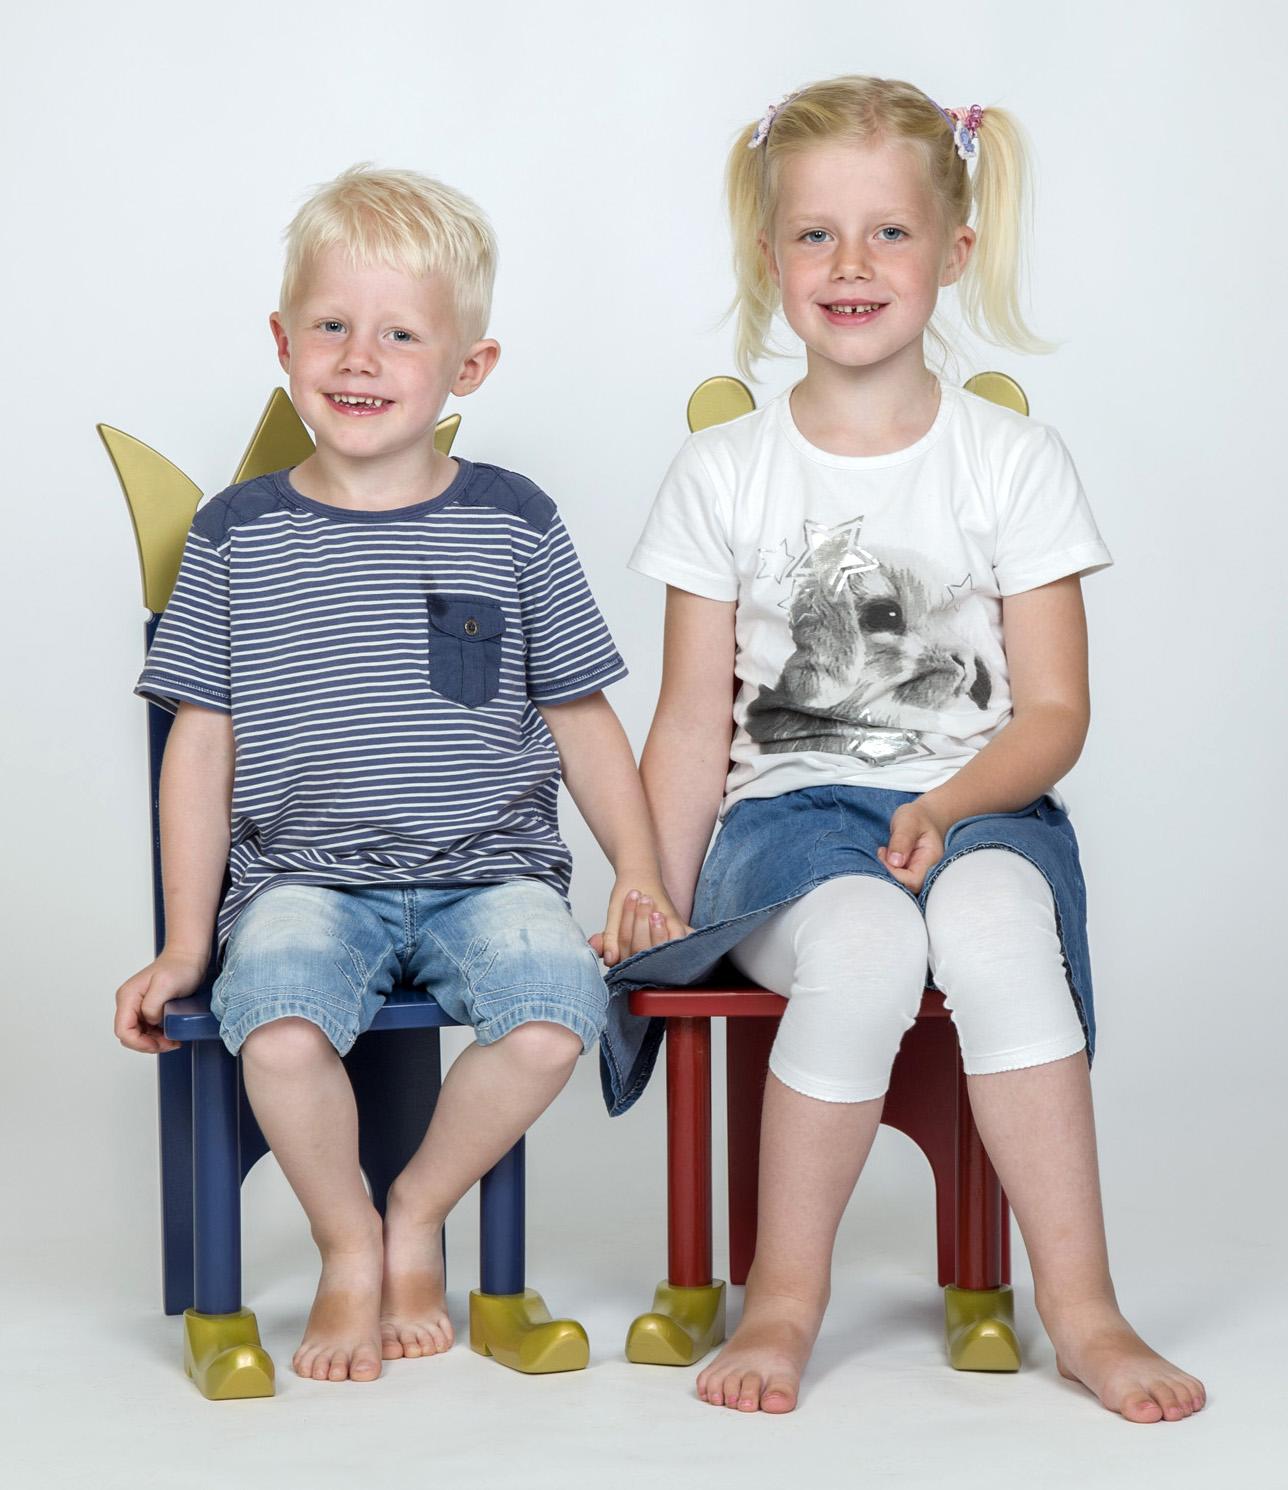 Børnefoto - dreng og pige